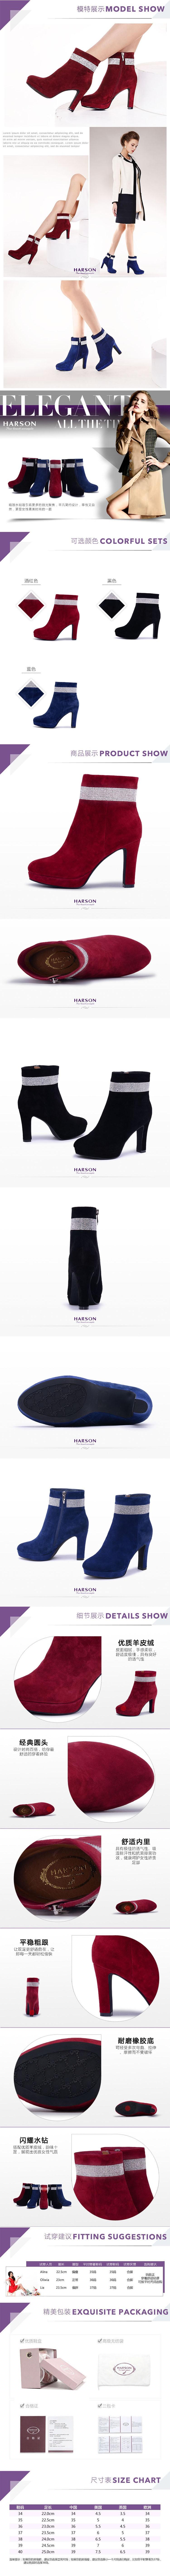 哈森harson集团品牌女鞋哈森harson女款蓝色羊皮绒面图片